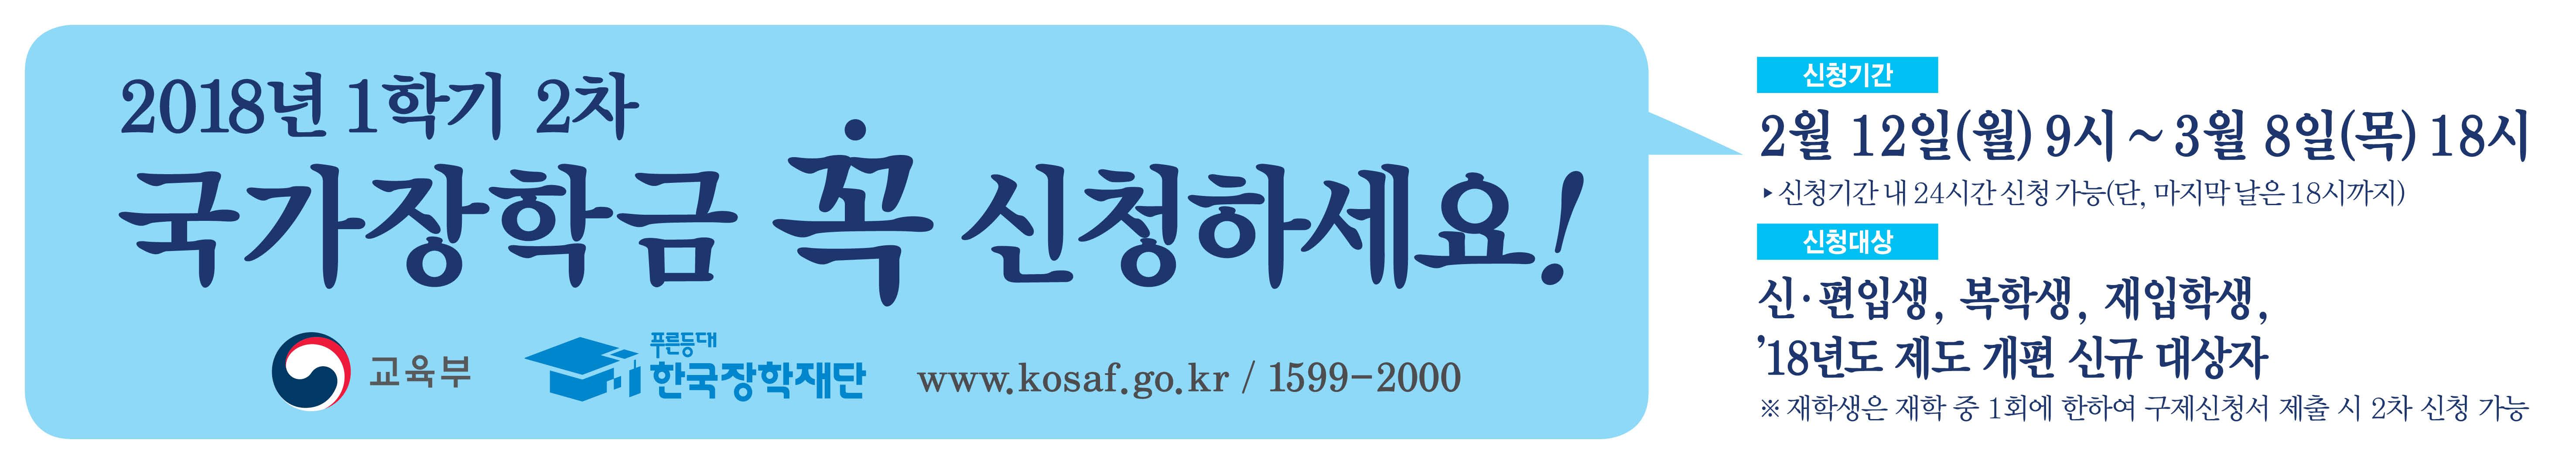 현수막(수정).jpg